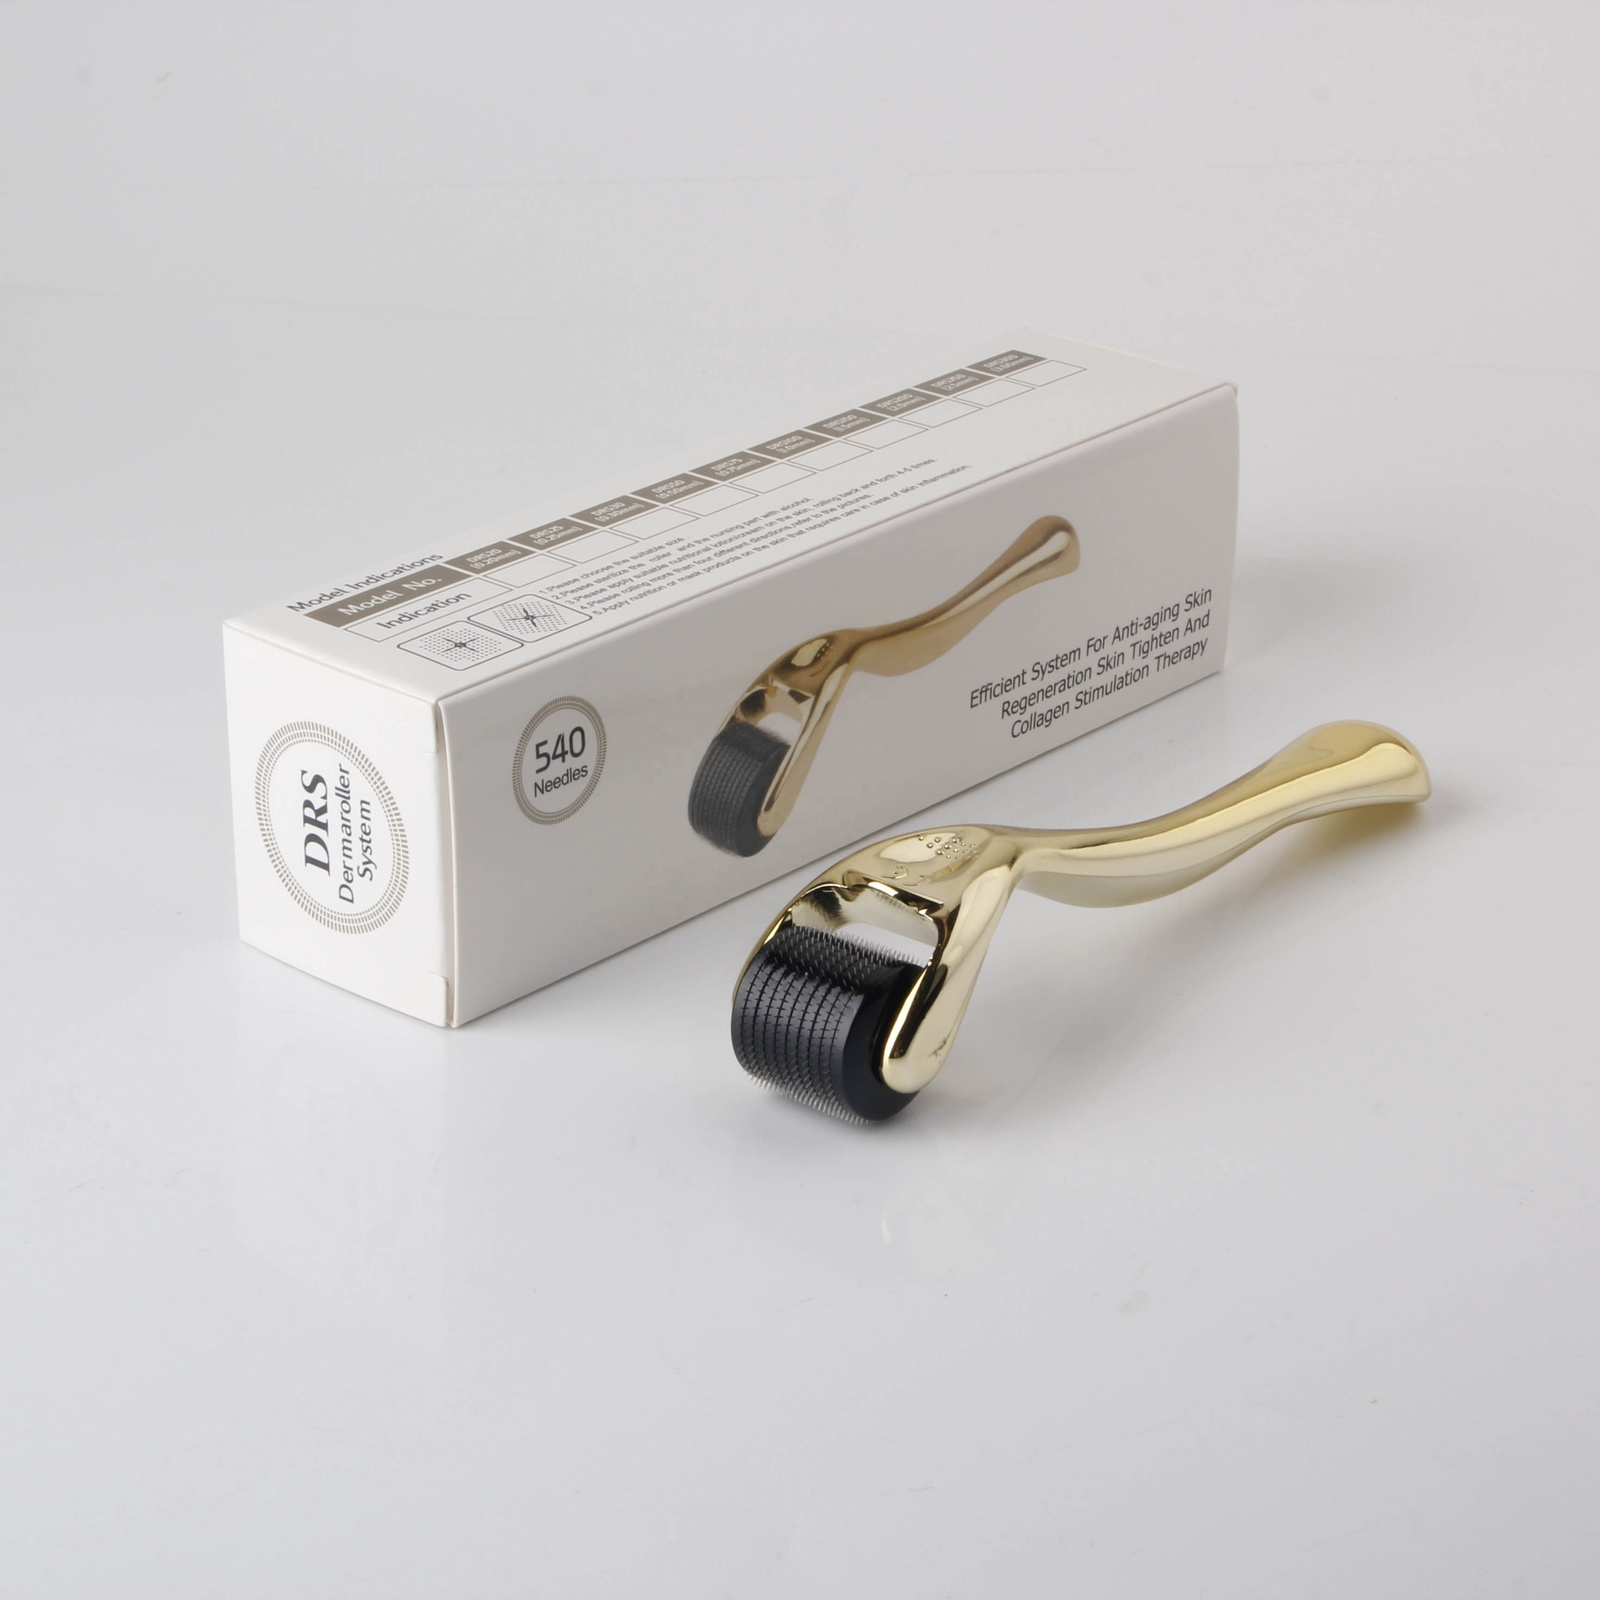 Мезороллер DRS DRS50 540 Gold DermaRoller Золотой 540 игл длиной 0.5 мм МР368